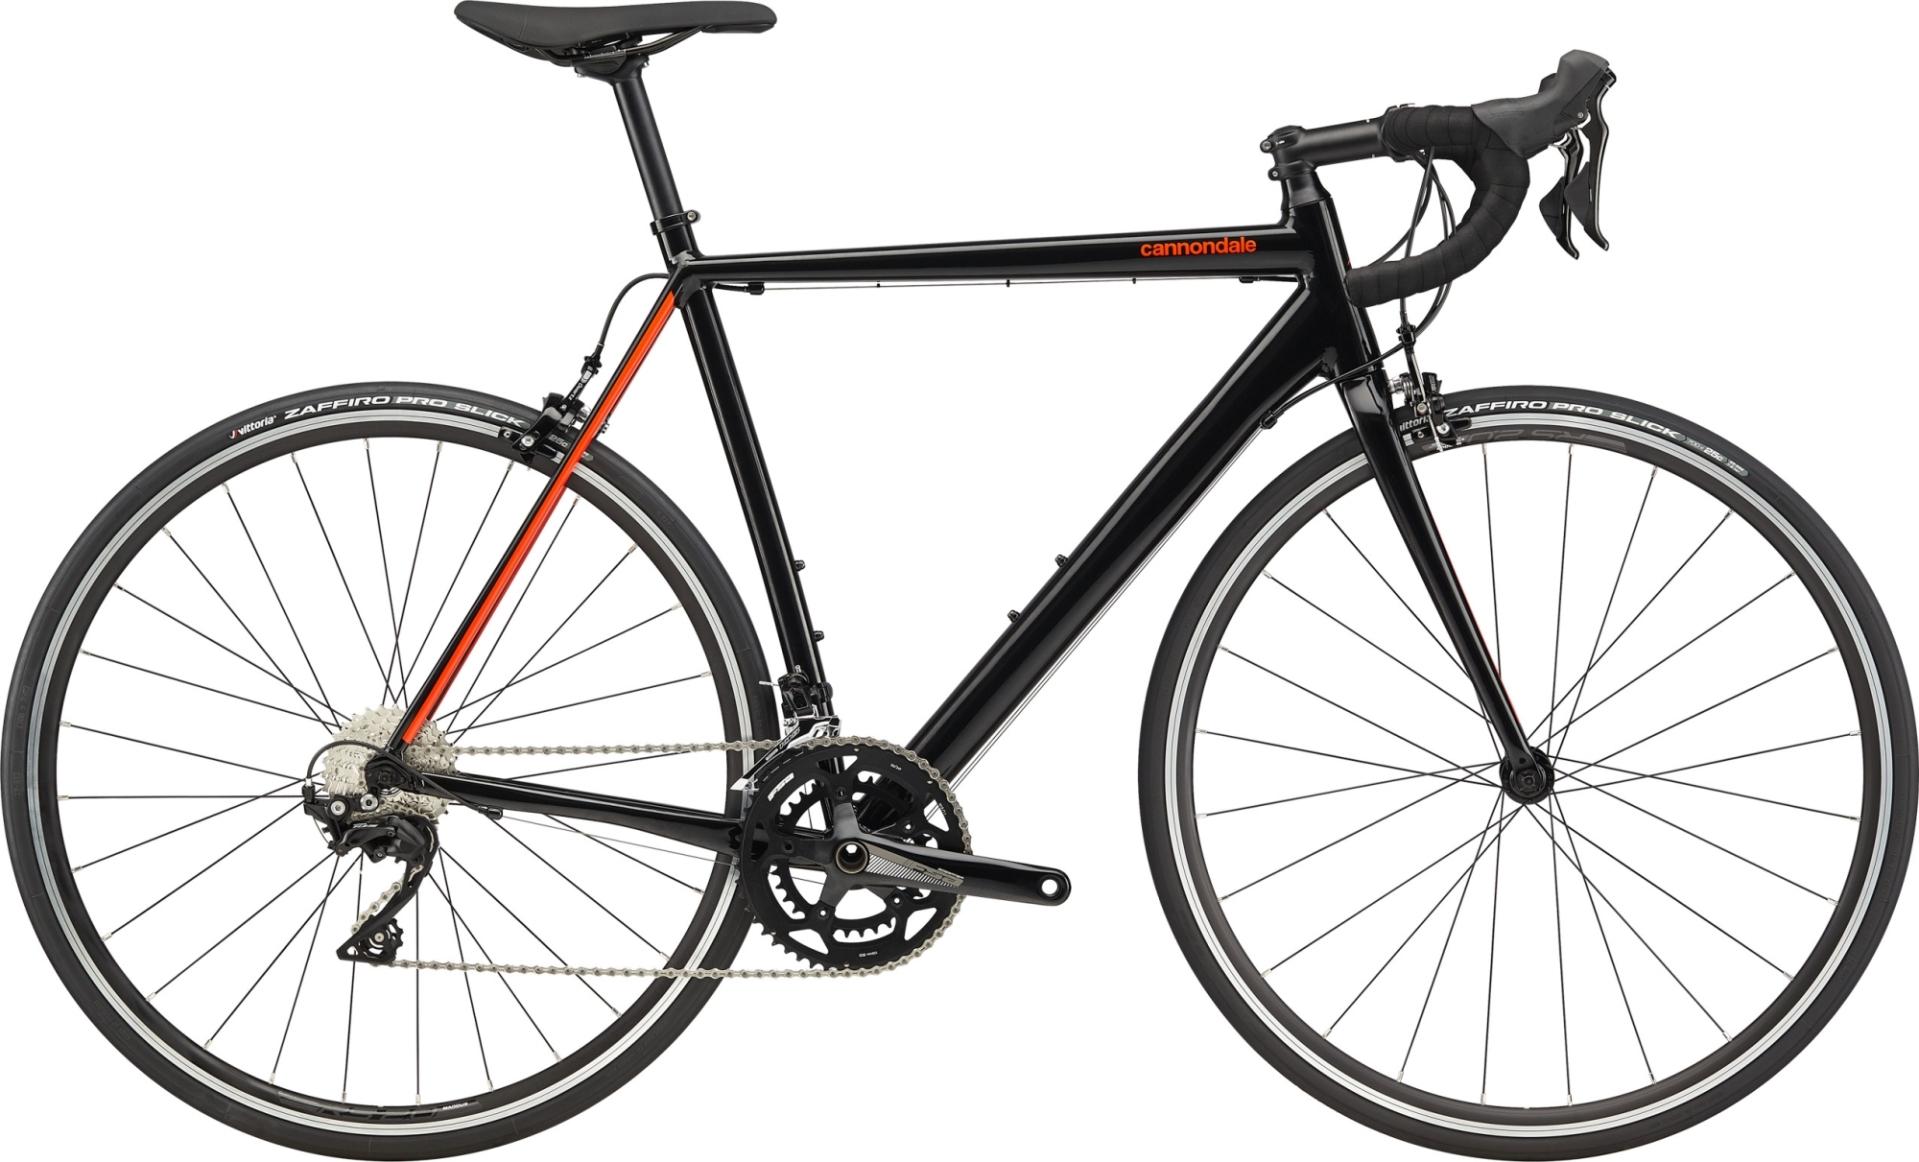 Cannondale CAAD Optimo 105 országúti kerékpár - fekete - 54 cm (2020)